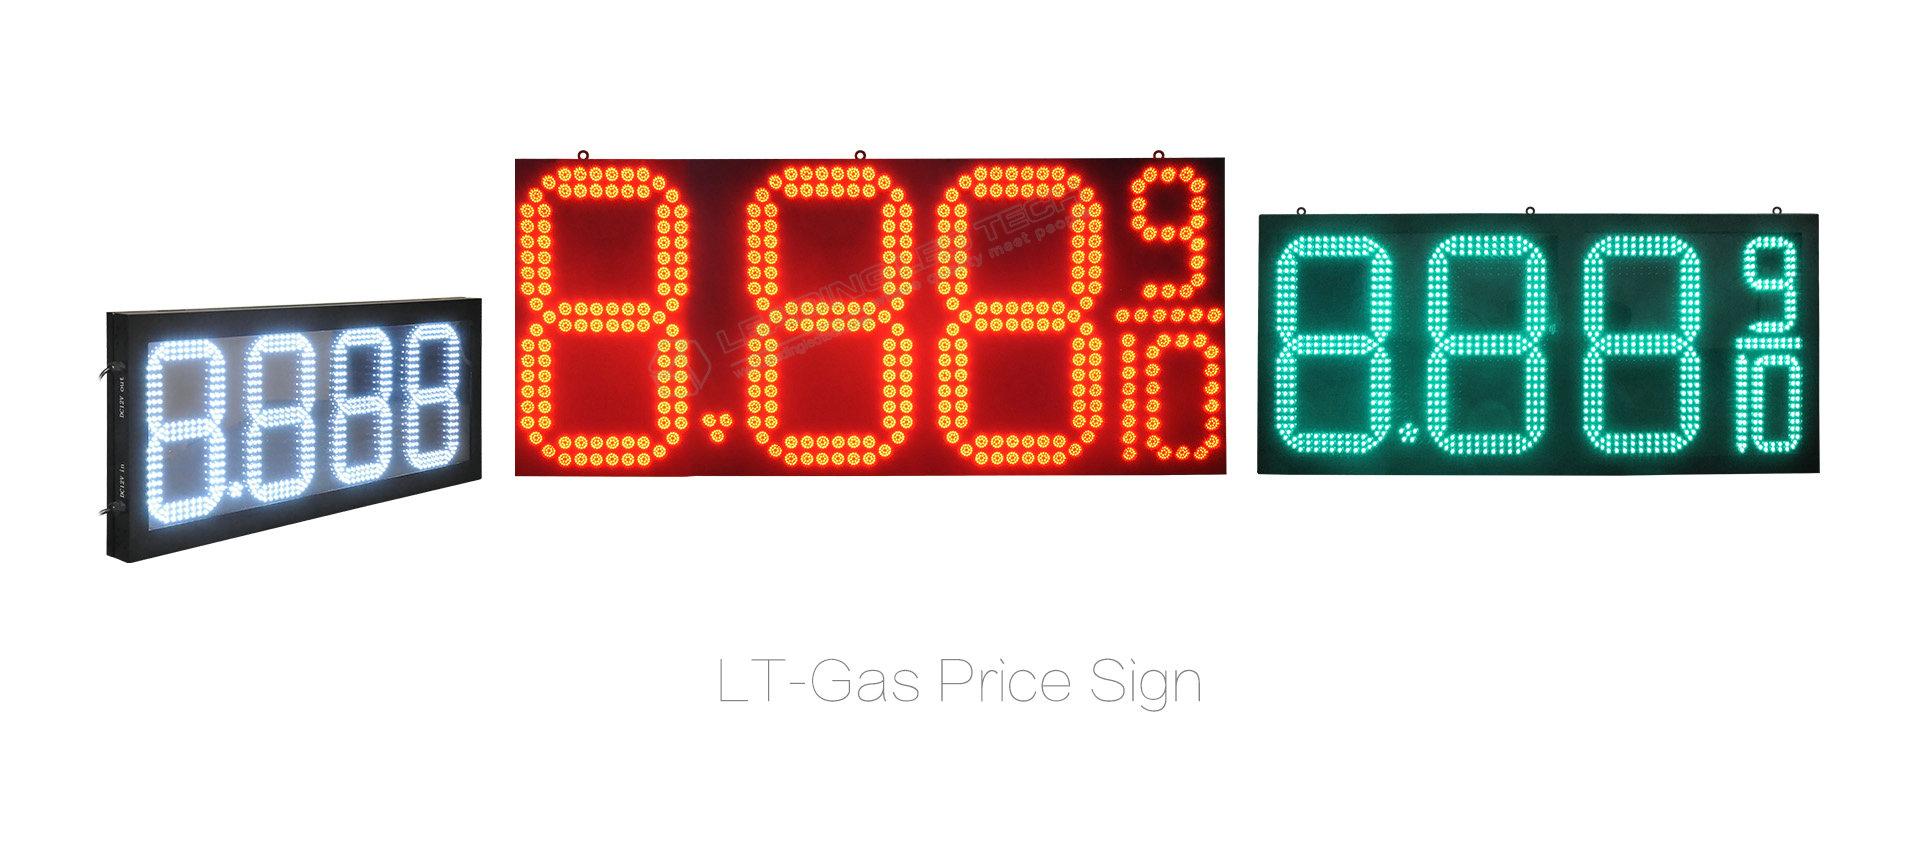 Gas Price sign Price watcher manufacturer